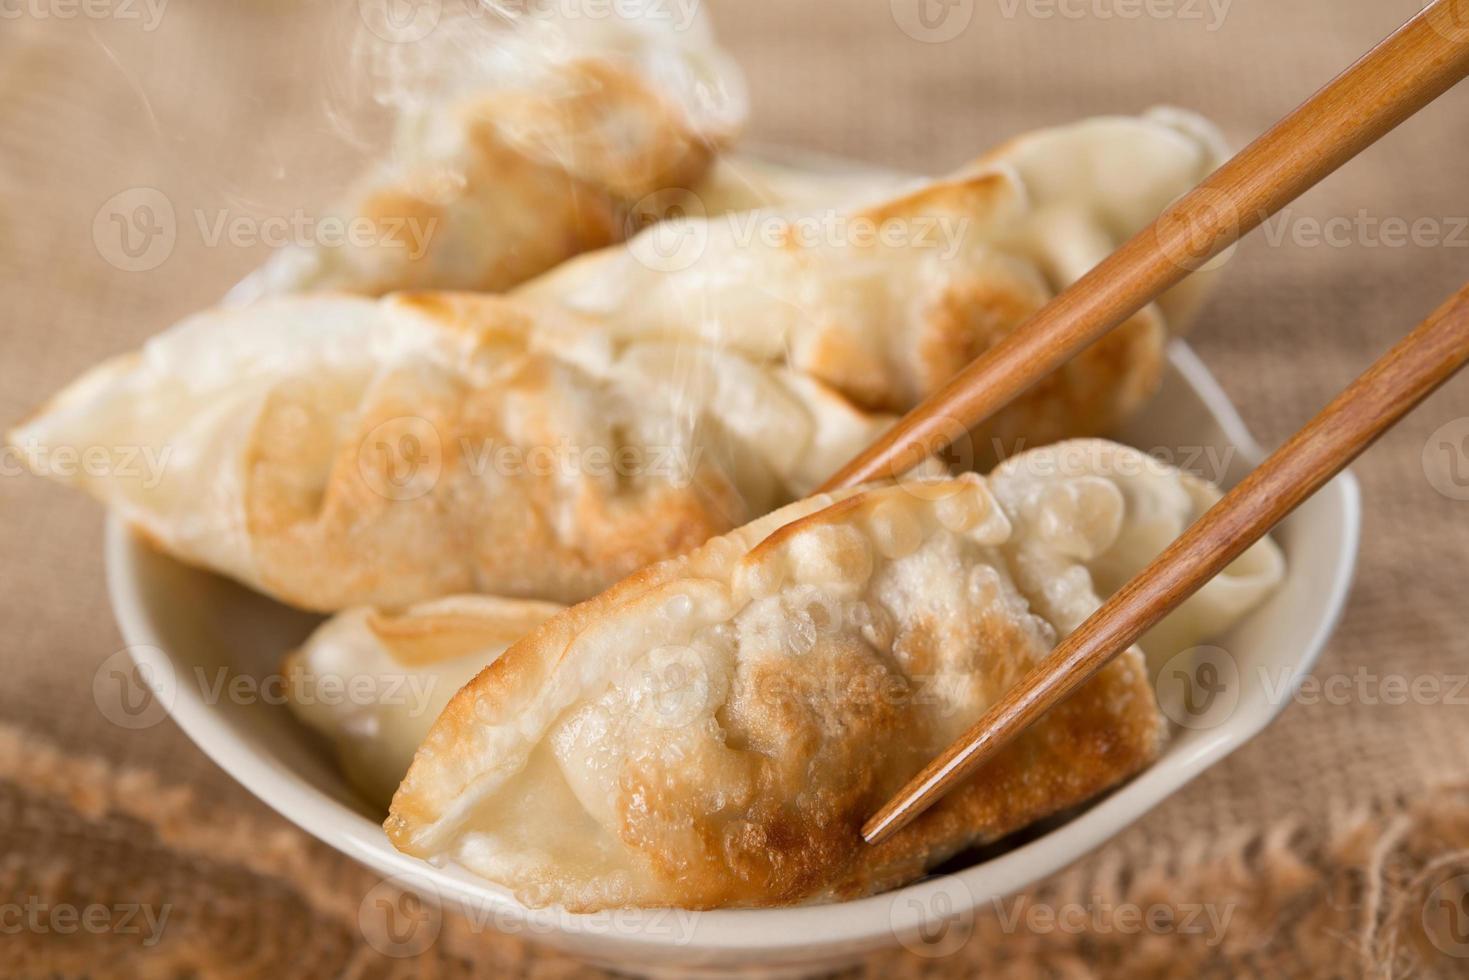 famosas albóndigas fritas sartén comida asiática foto